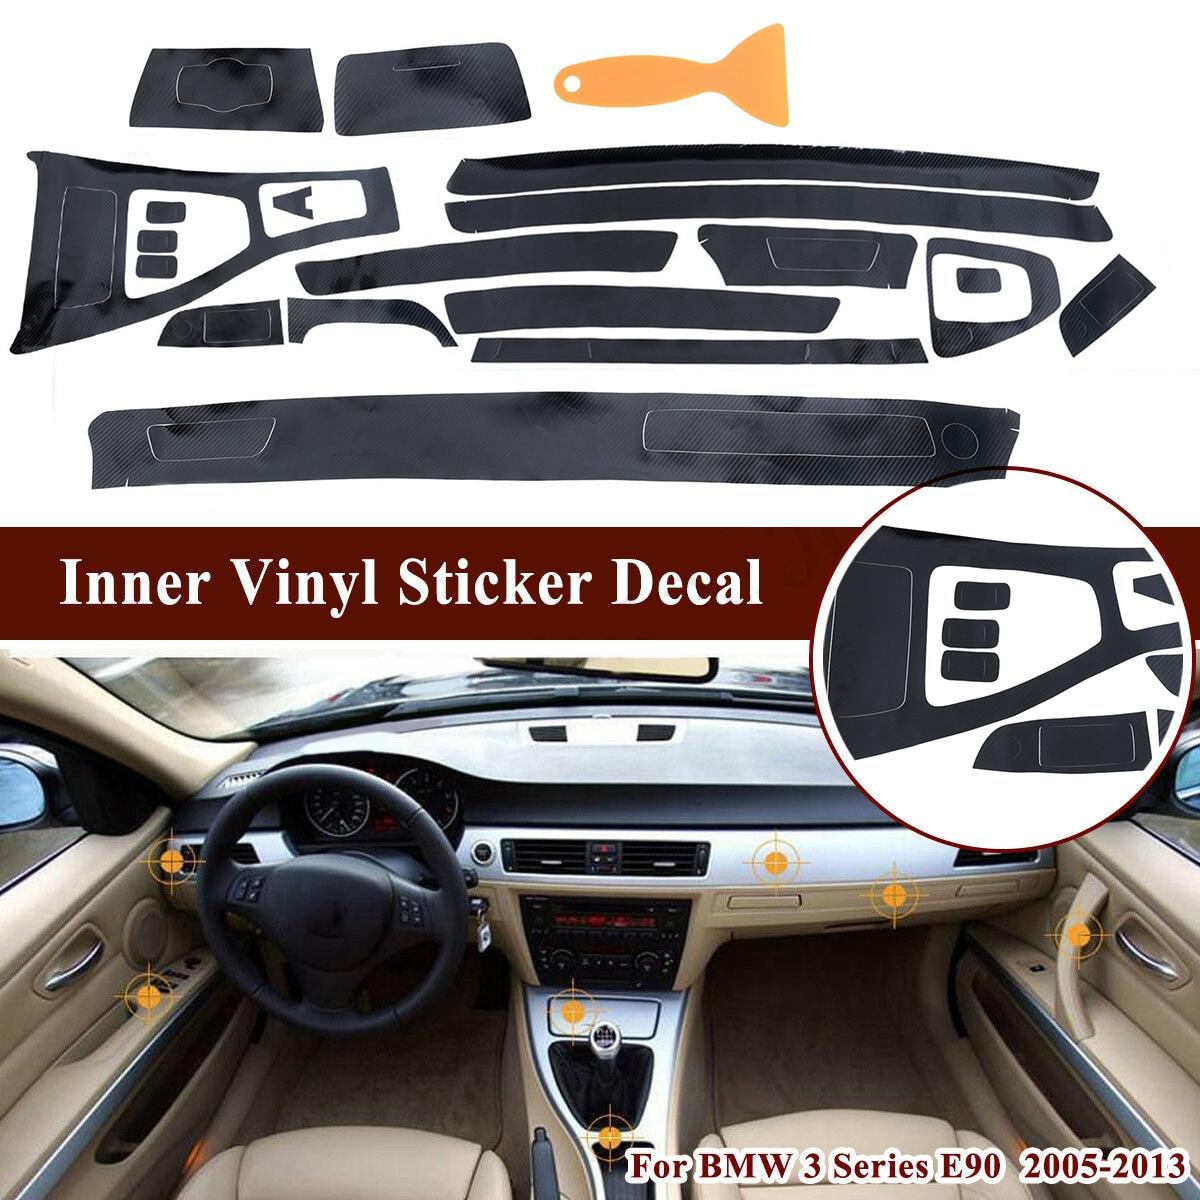 5D Car Sticker For BMW 3 Series E90 2005-2013 5D Interiors Carbon Fiber Trim